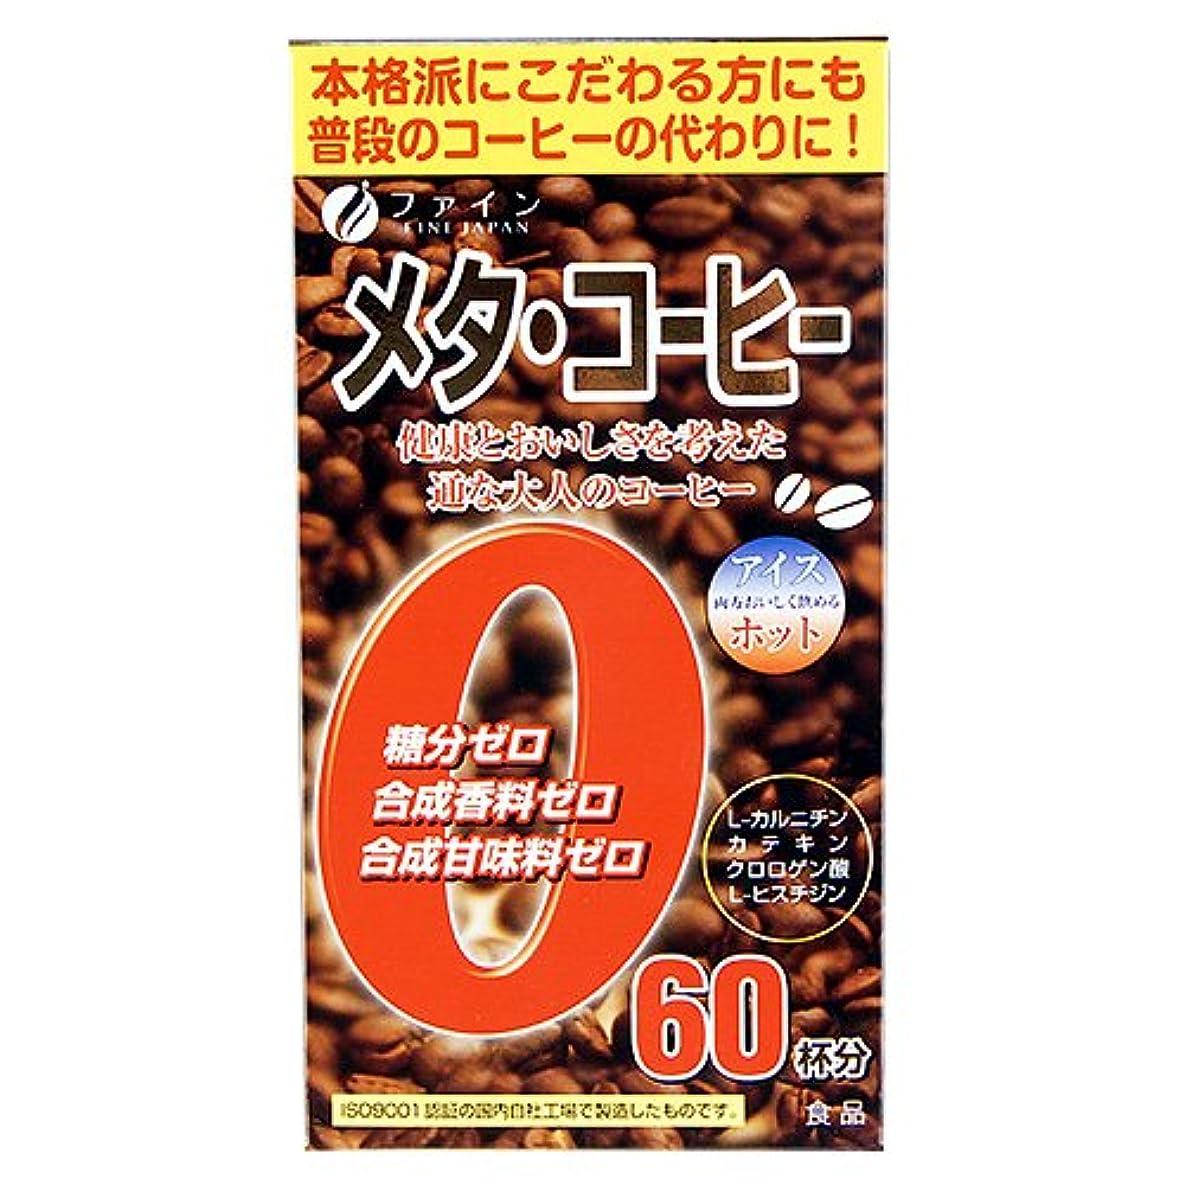 地平線散るマートメタコーヒー 66g 1.1g×60包 ファイン